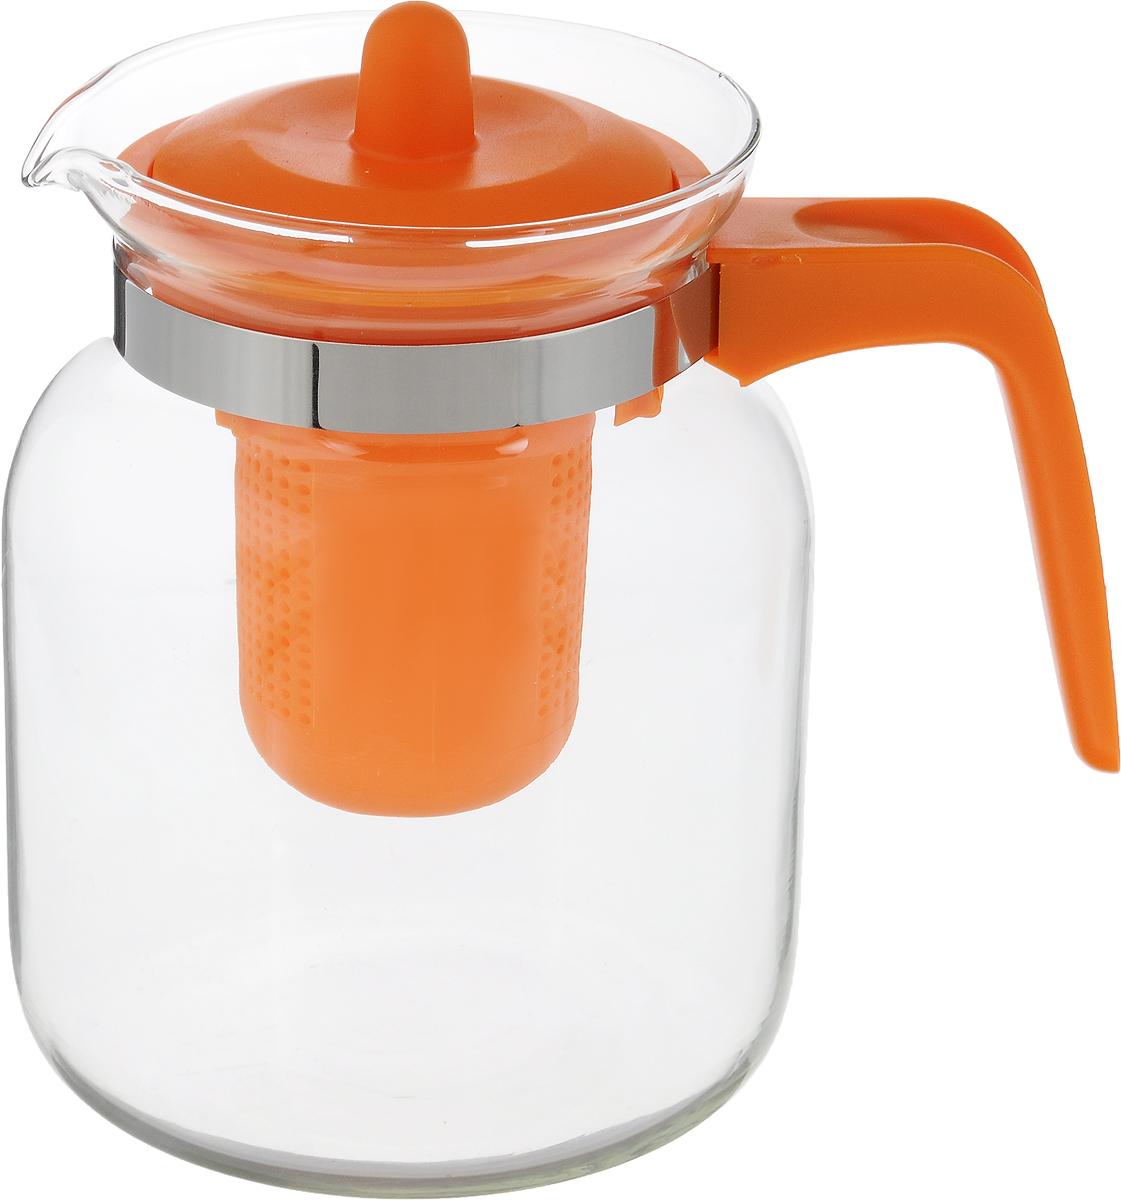 Чайник-кувшин Menu Чабрец, с фильтром, цвет: прозрачны, оранжевый, 1,45 лCHZ-14_оранжевыйЧайник-кувшин Menu Чабрец, с фильтром, цвет: прозрачны, оранжевый, 1,45 л